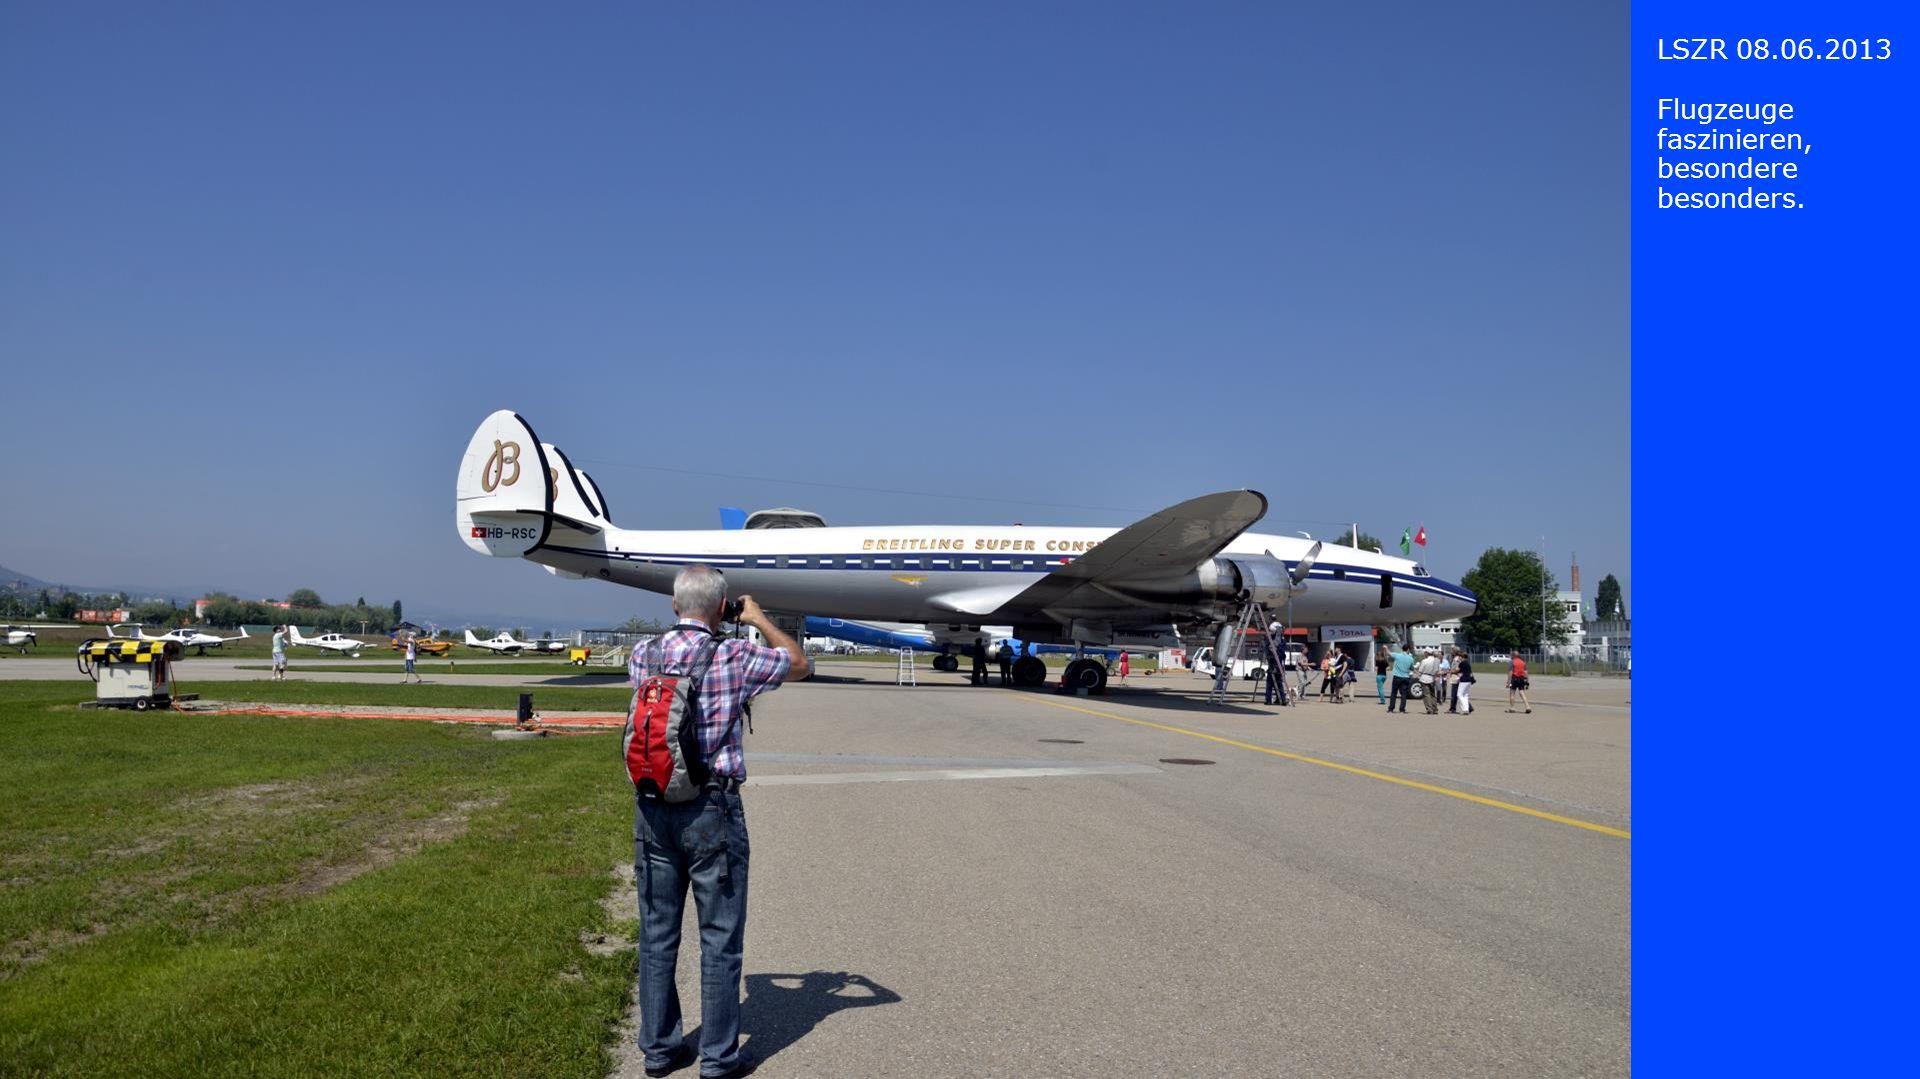 LSZR 08.06.2013 Flugzeuge faszinieren, besondere besonders.